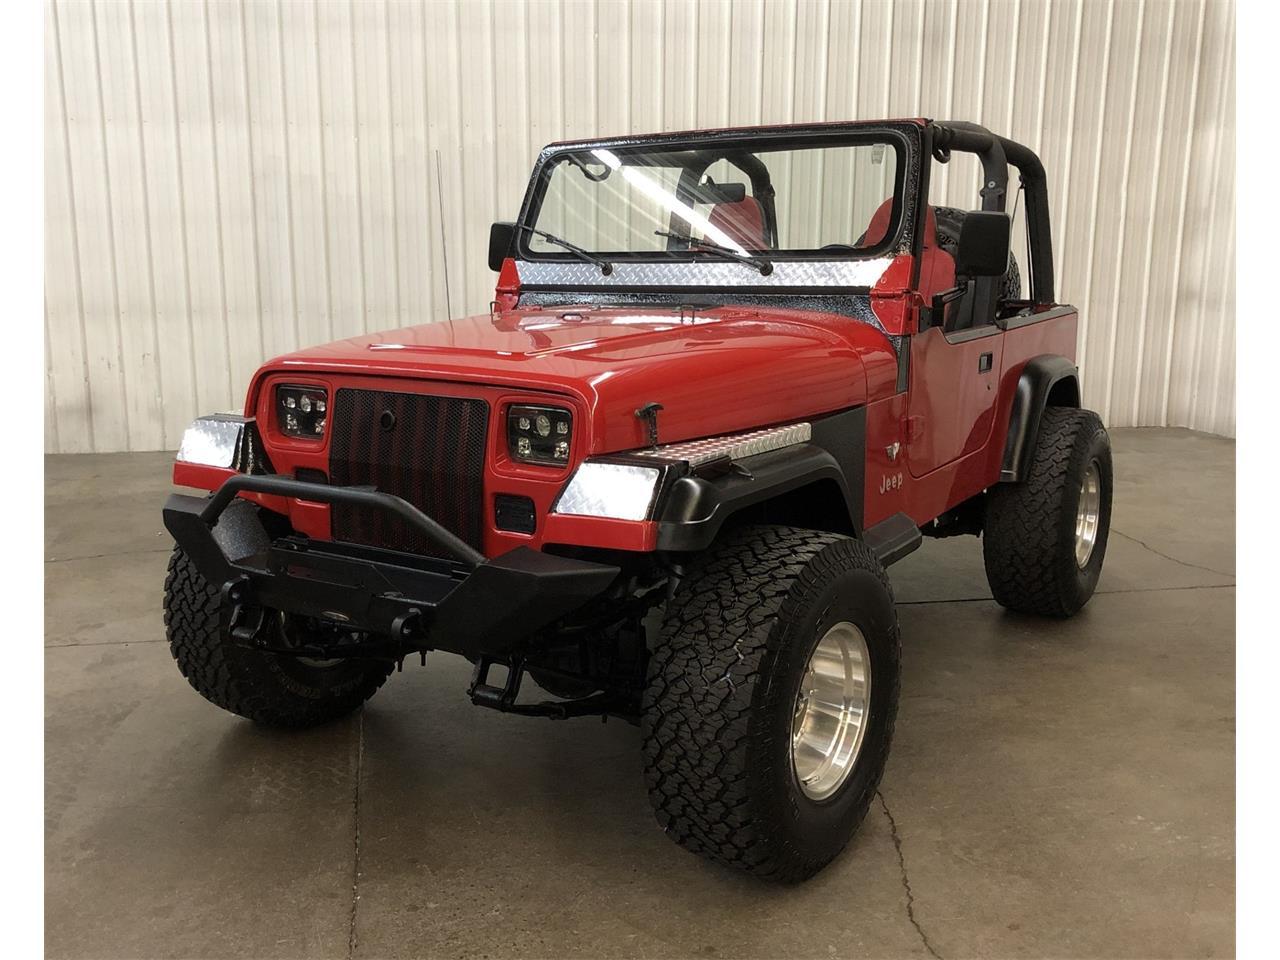 5a9b000a 1994 Jeep Wrangler for Sale | ClassicCars.com | CC-1150502